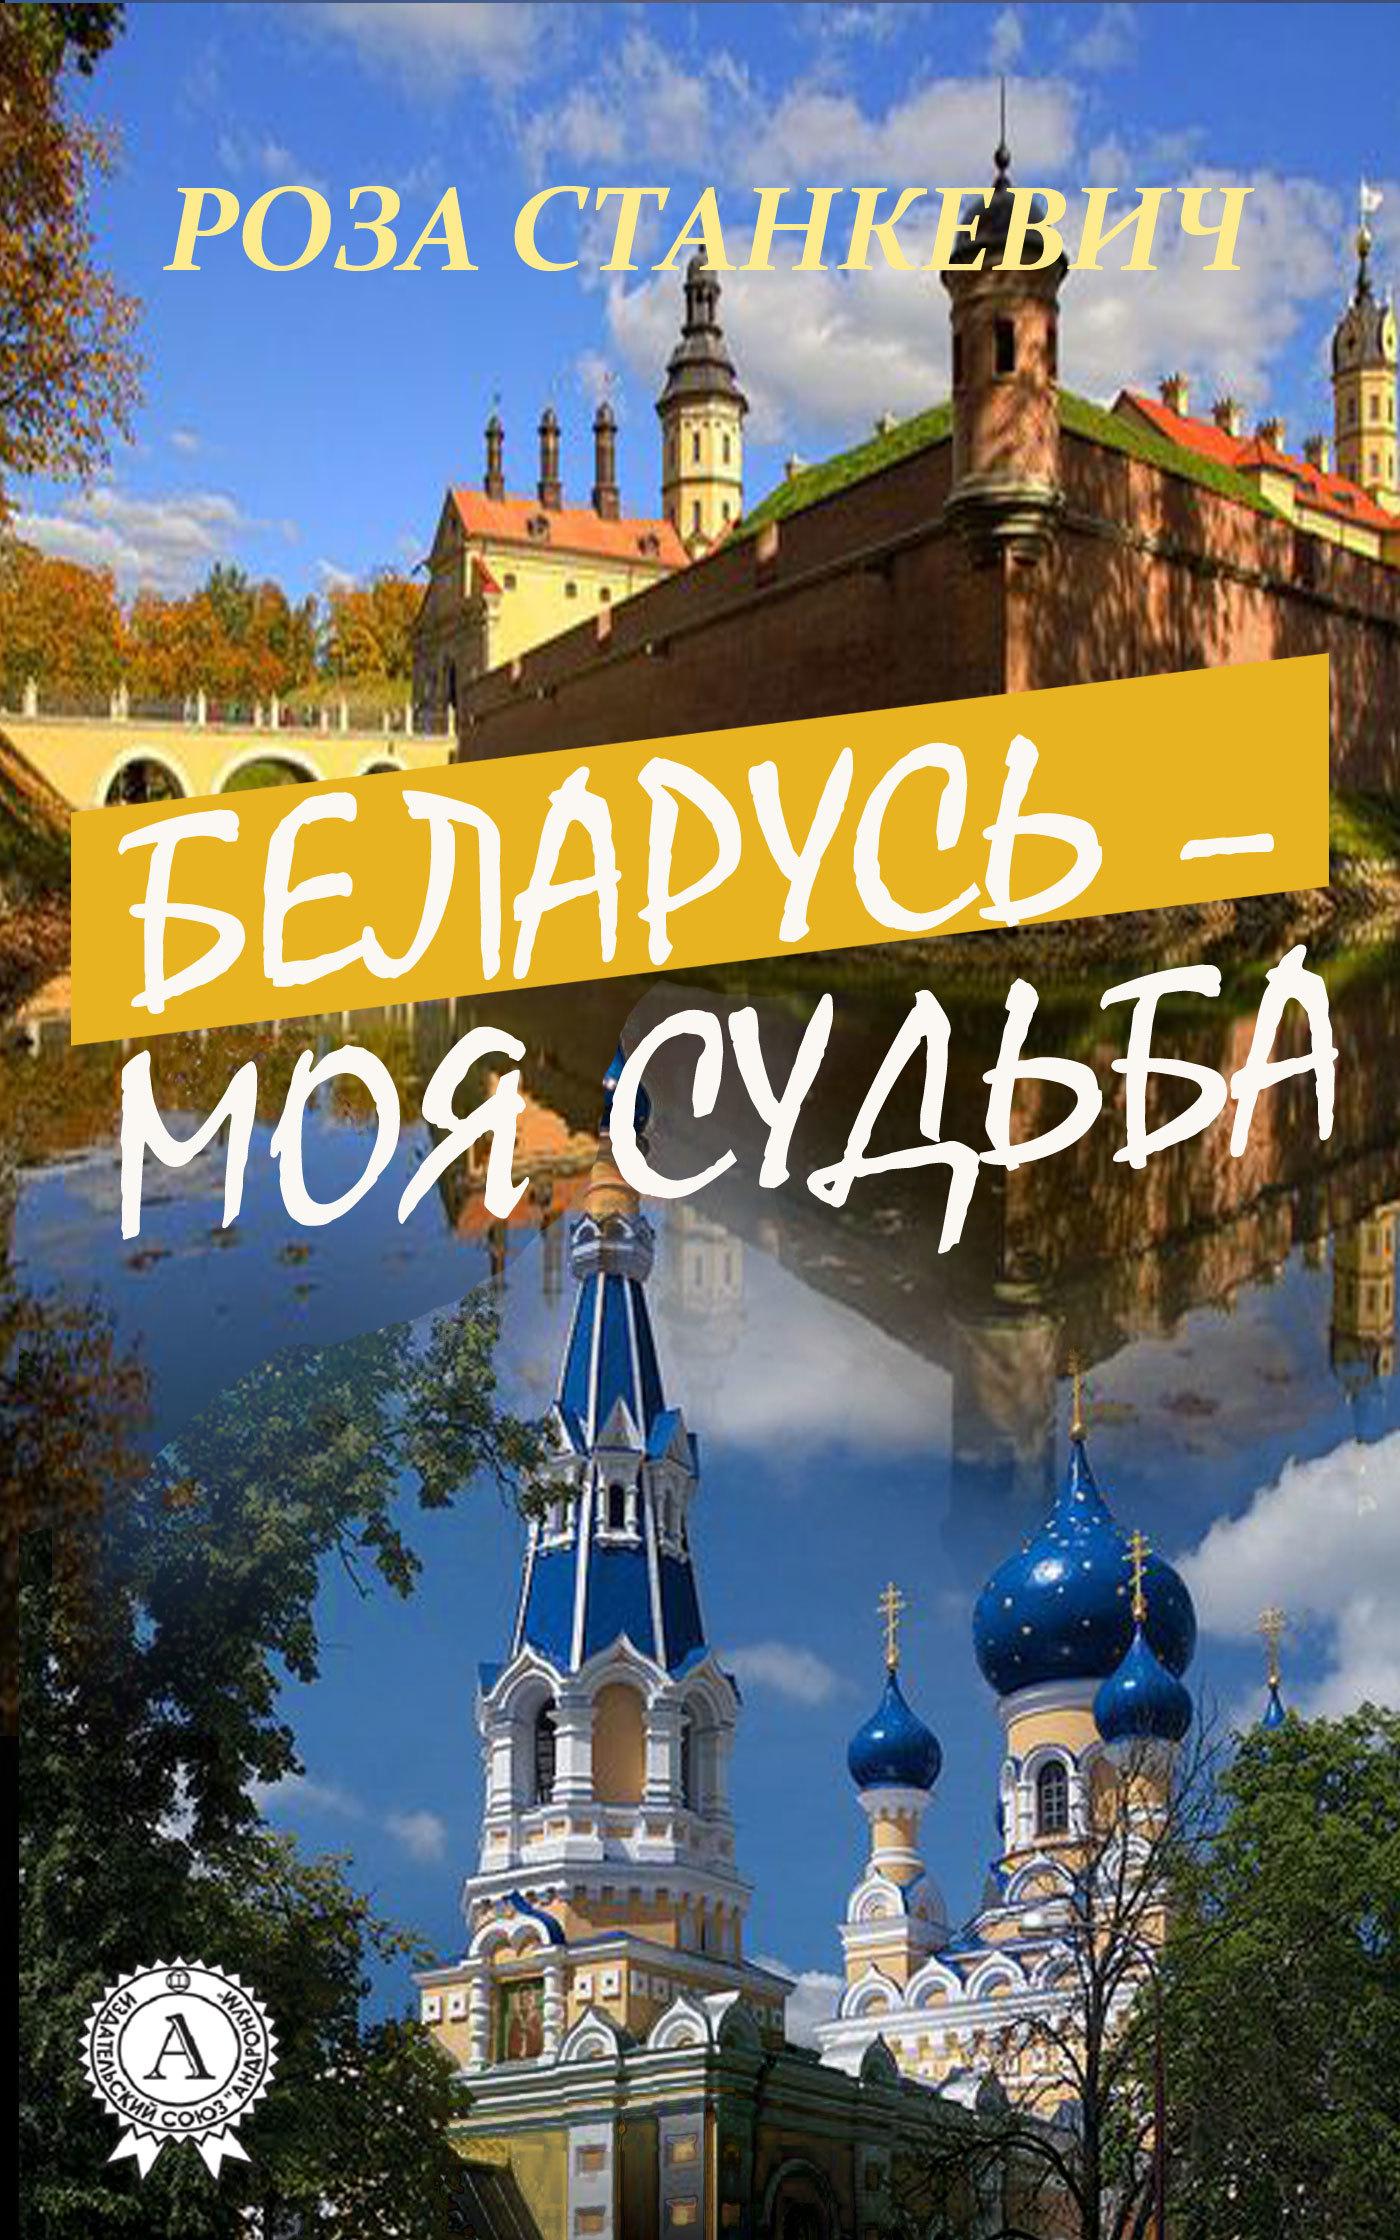 Роза Станкевич Беларусь – моя судьба канес с моя судьба